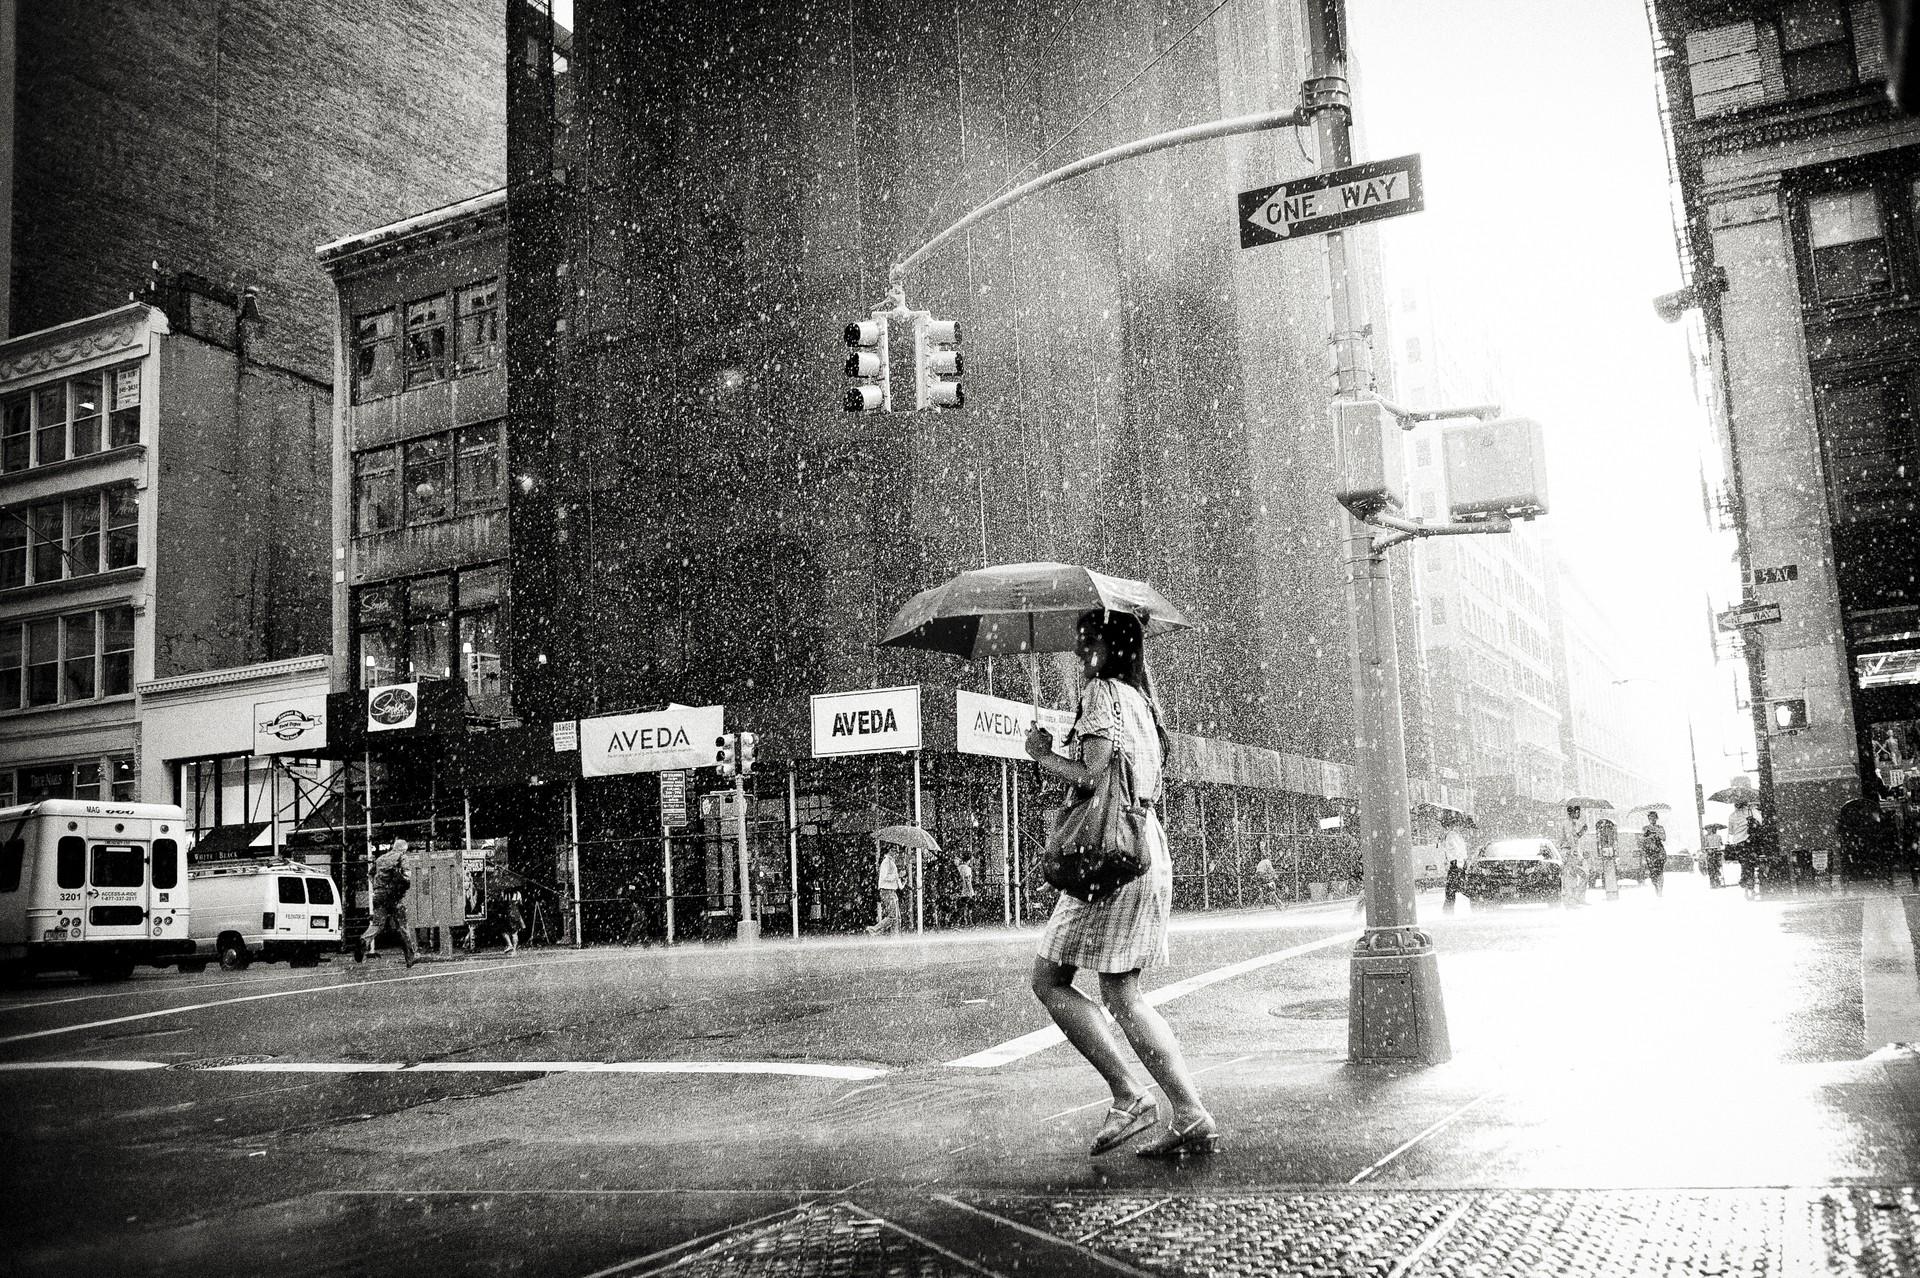 картинки черно белые дождь проспекты май это танцы